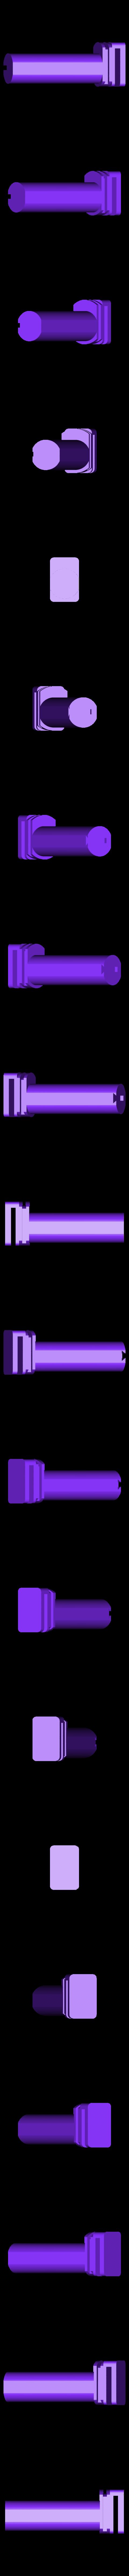 Side-Spool-Shaft.stl Télécharger fichier STL gratuit Porte-bobine latéral pour Flashforge • Plan pour imprimante 3D, itech3dp